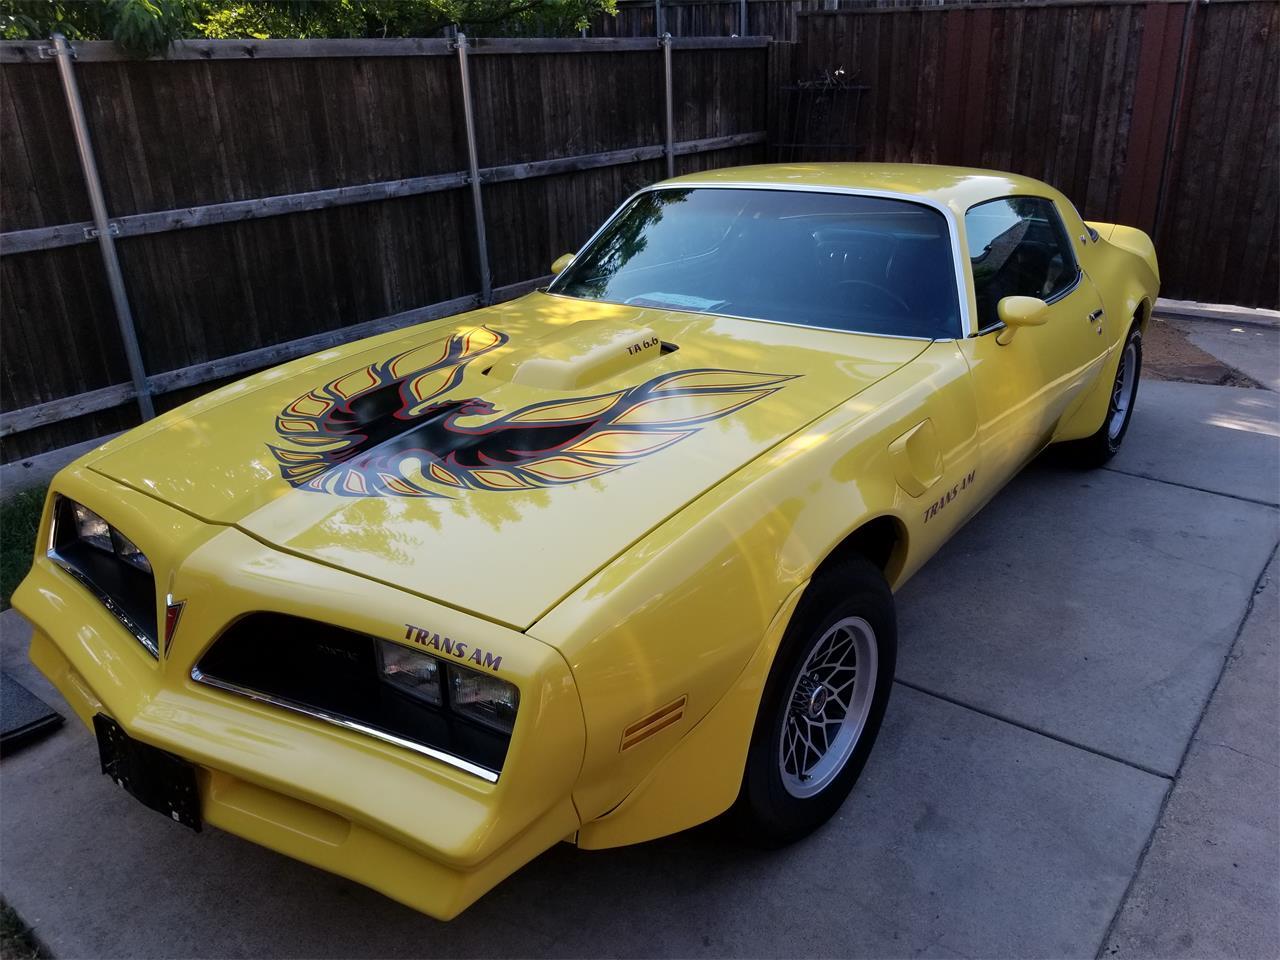 For Sale Firebird Pontiac Cc-1096669 Classiccars Trans com 1977 Am